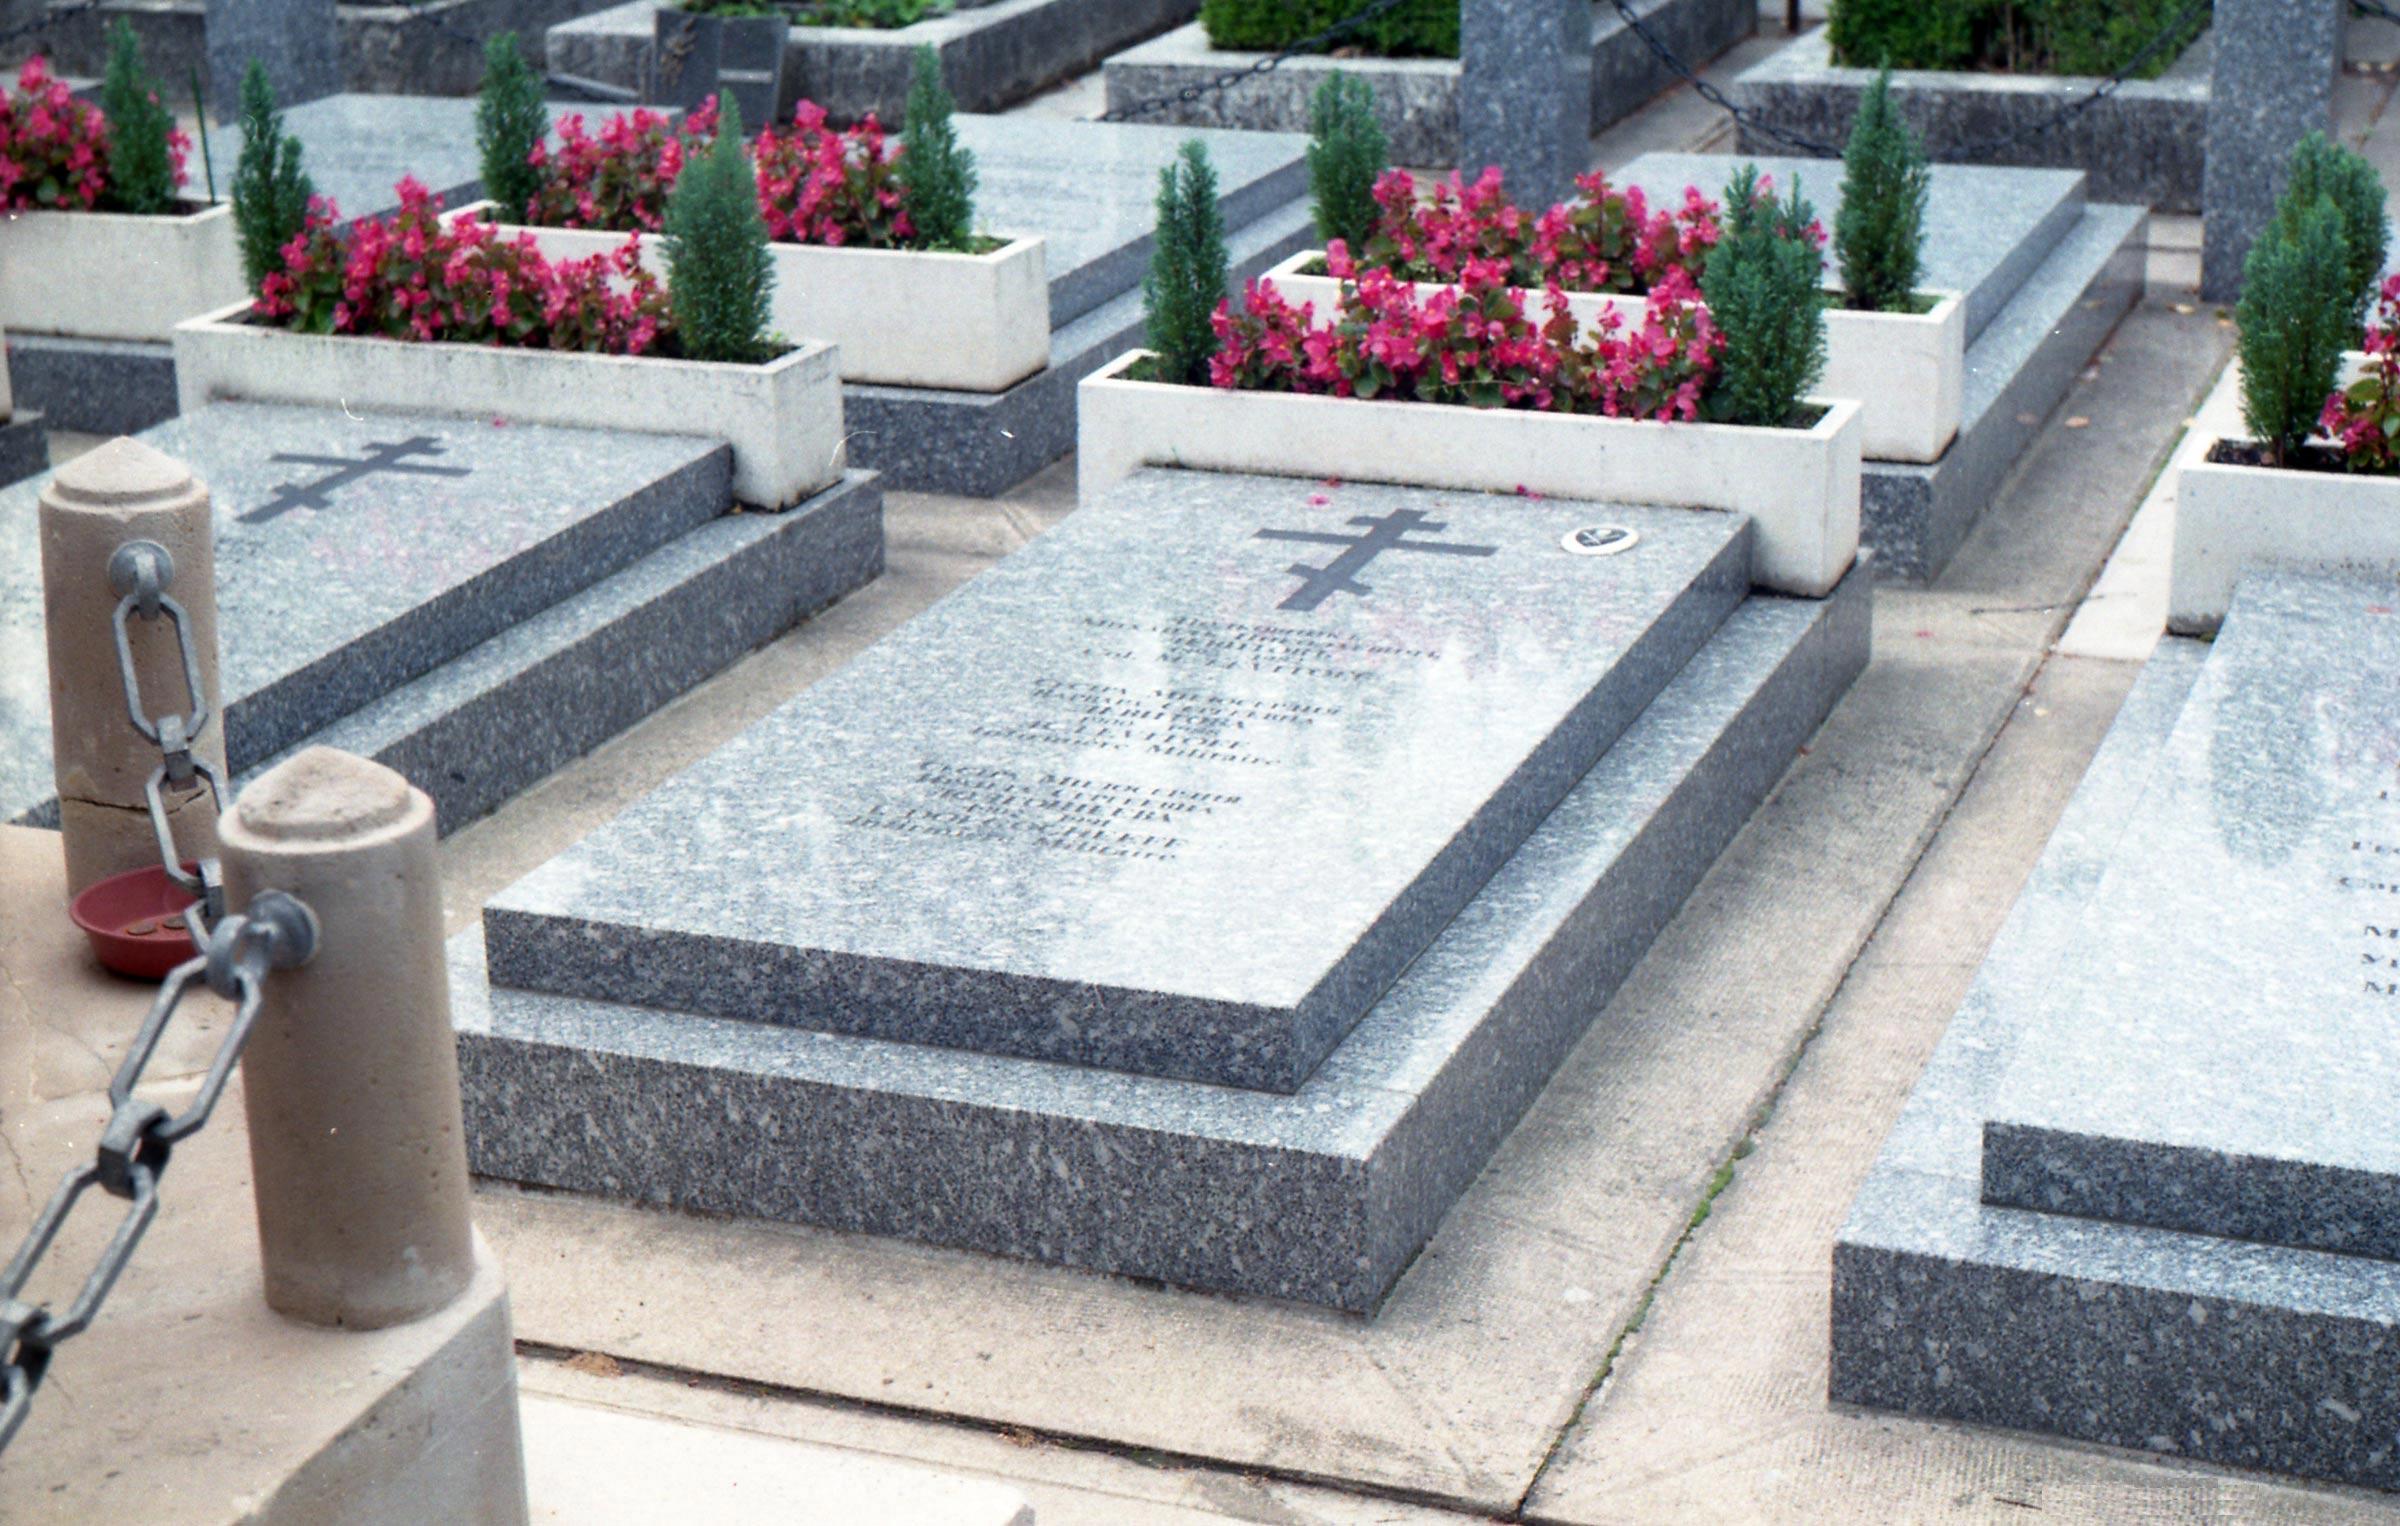 осмотр достопримечательностей кладбища Сент-Женевьев-де-Буа